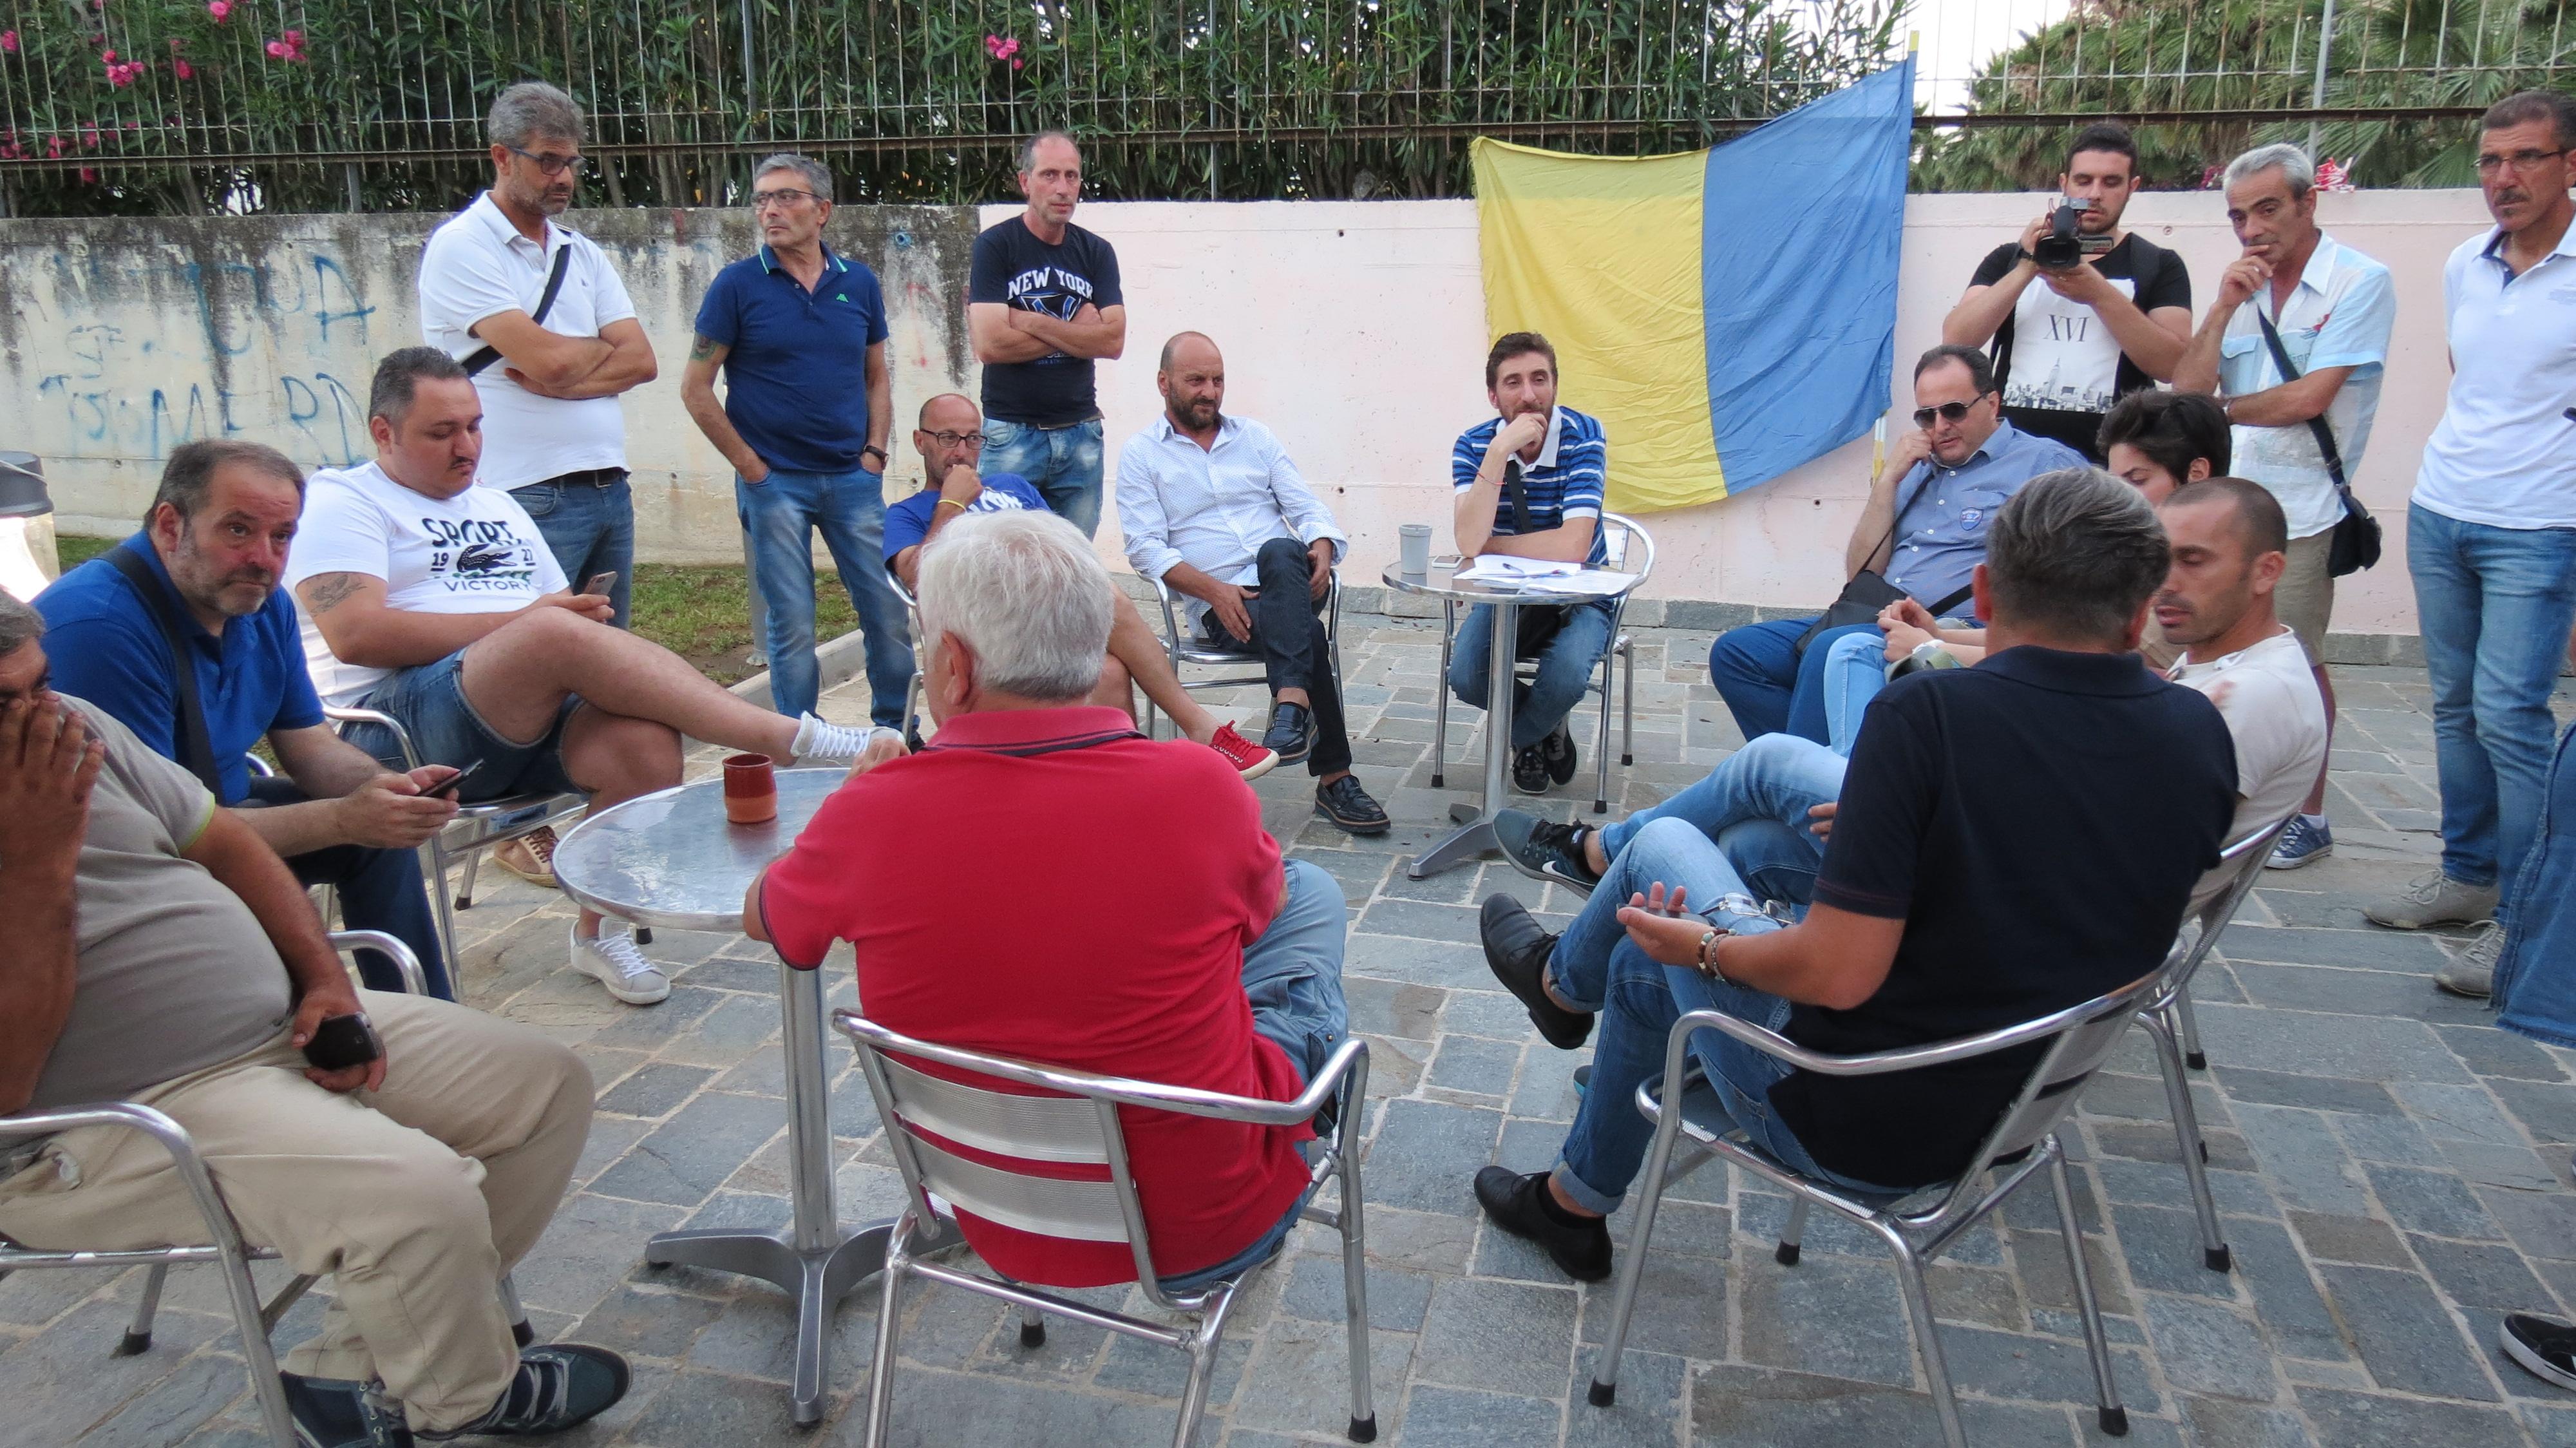 'In campo per lo stadio', nasce il comitato per la riqualificazione del De Cristofaro: associazioni, tifosi e gruppi Facebook in campo. Video